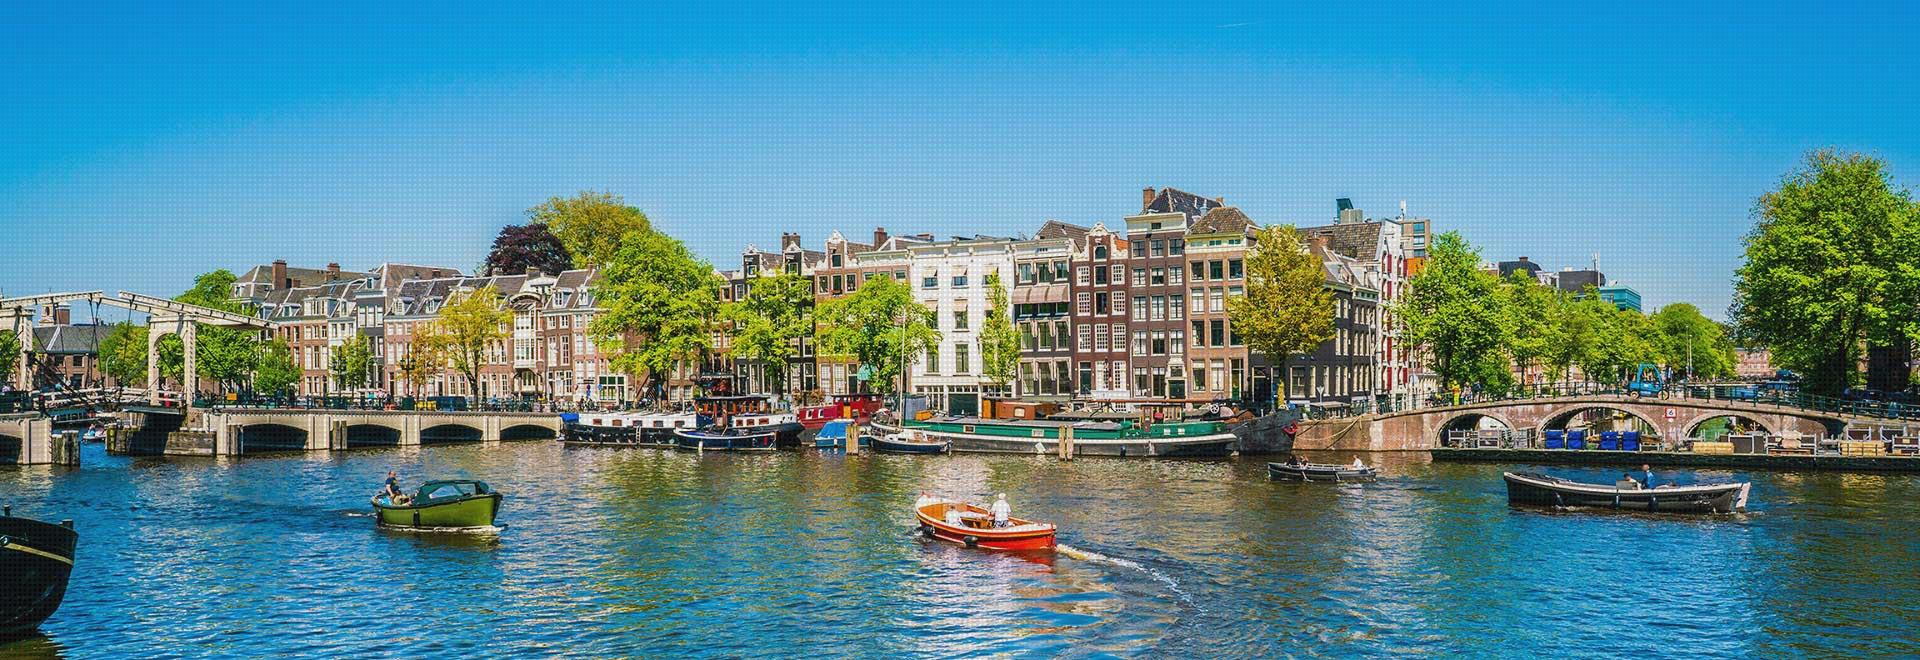 Amsterdam Gracht mit Booten